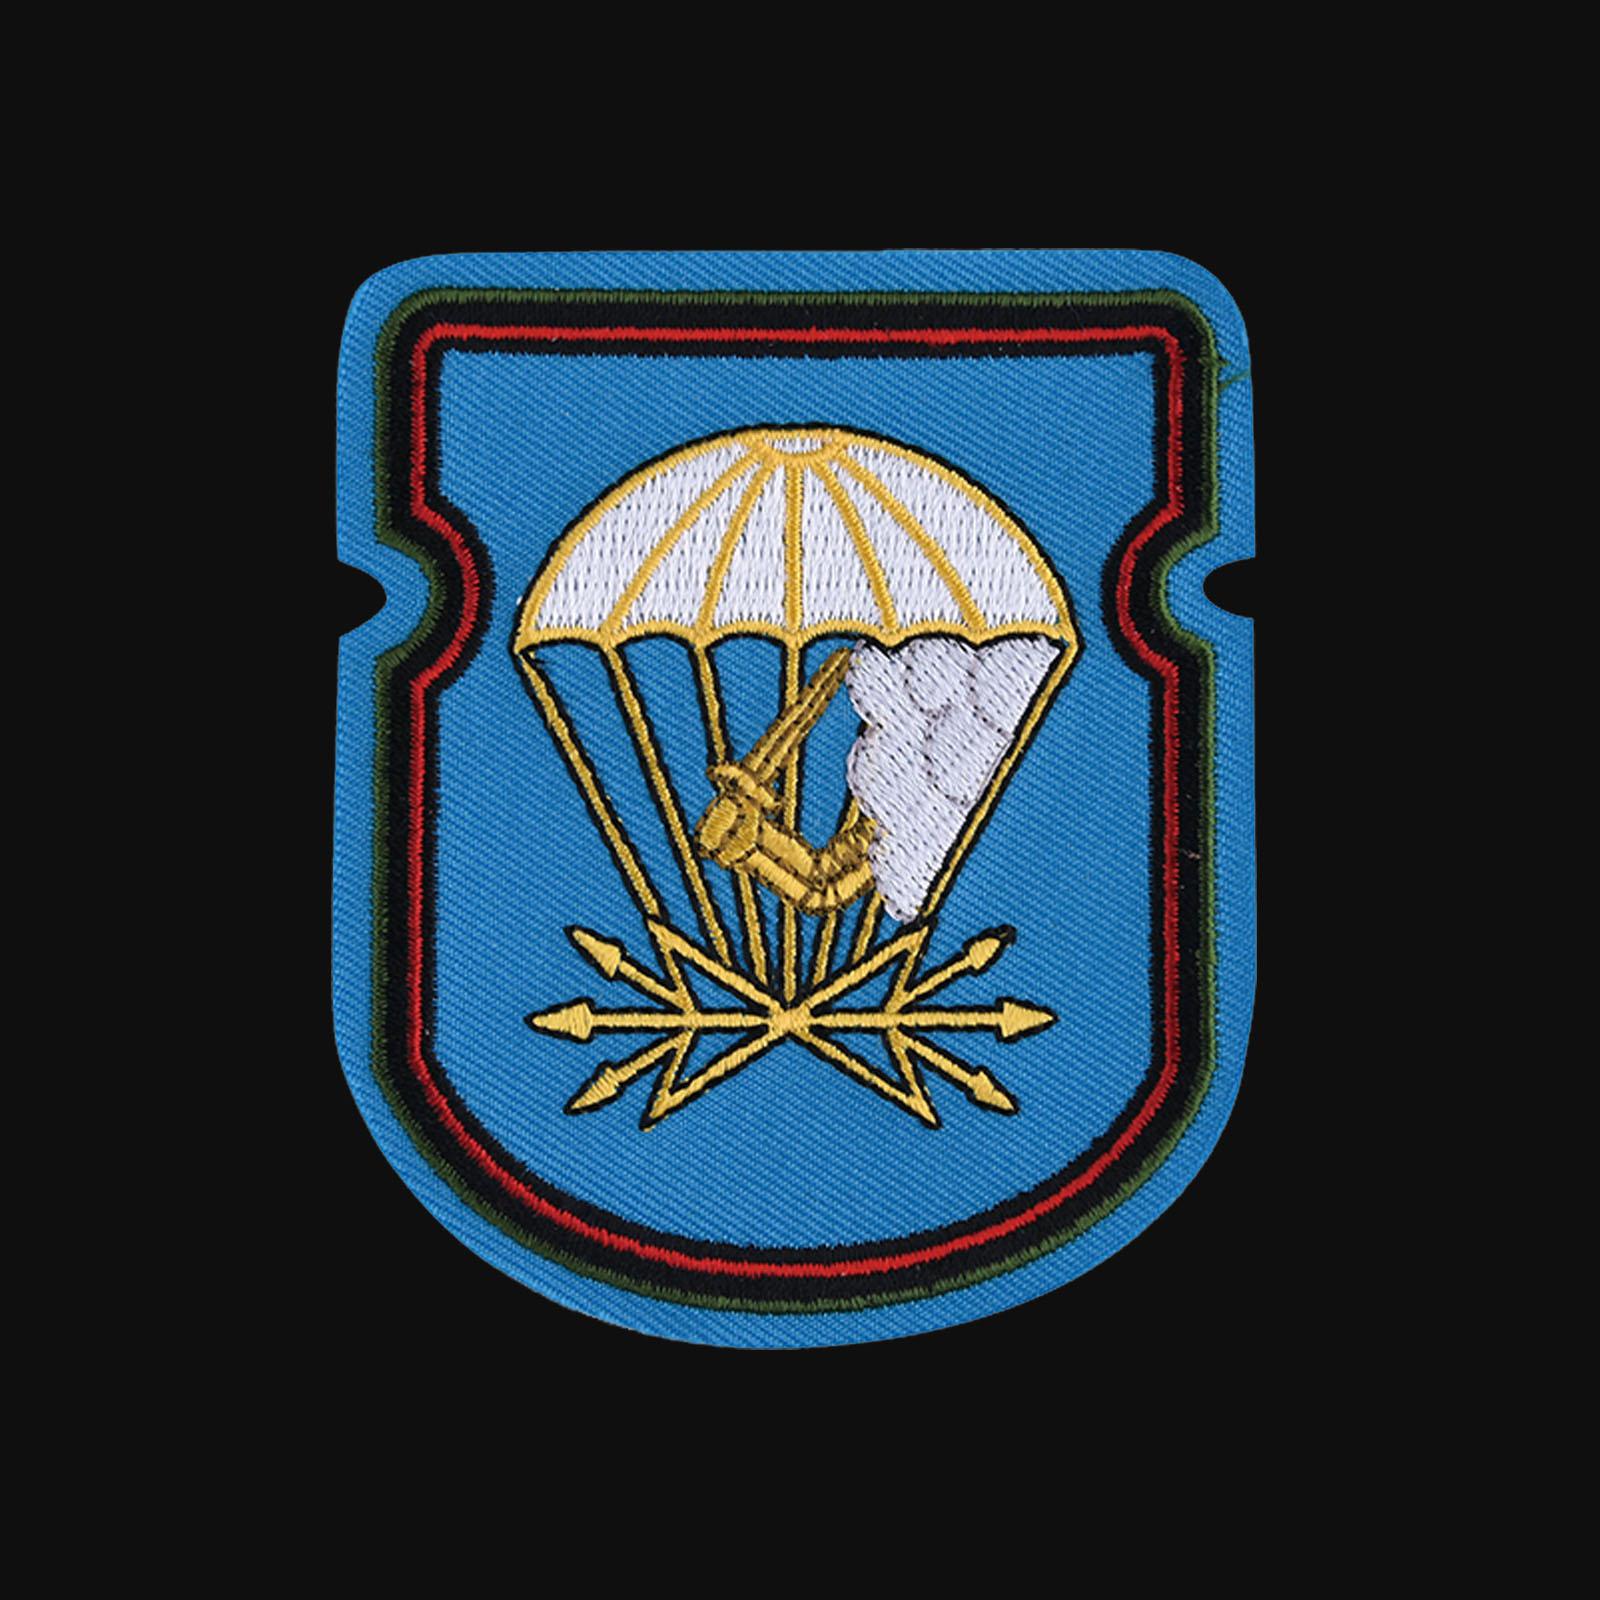 Военная толстовка с эмблемой 674-го батальона связи 98 ВДД ВДВ